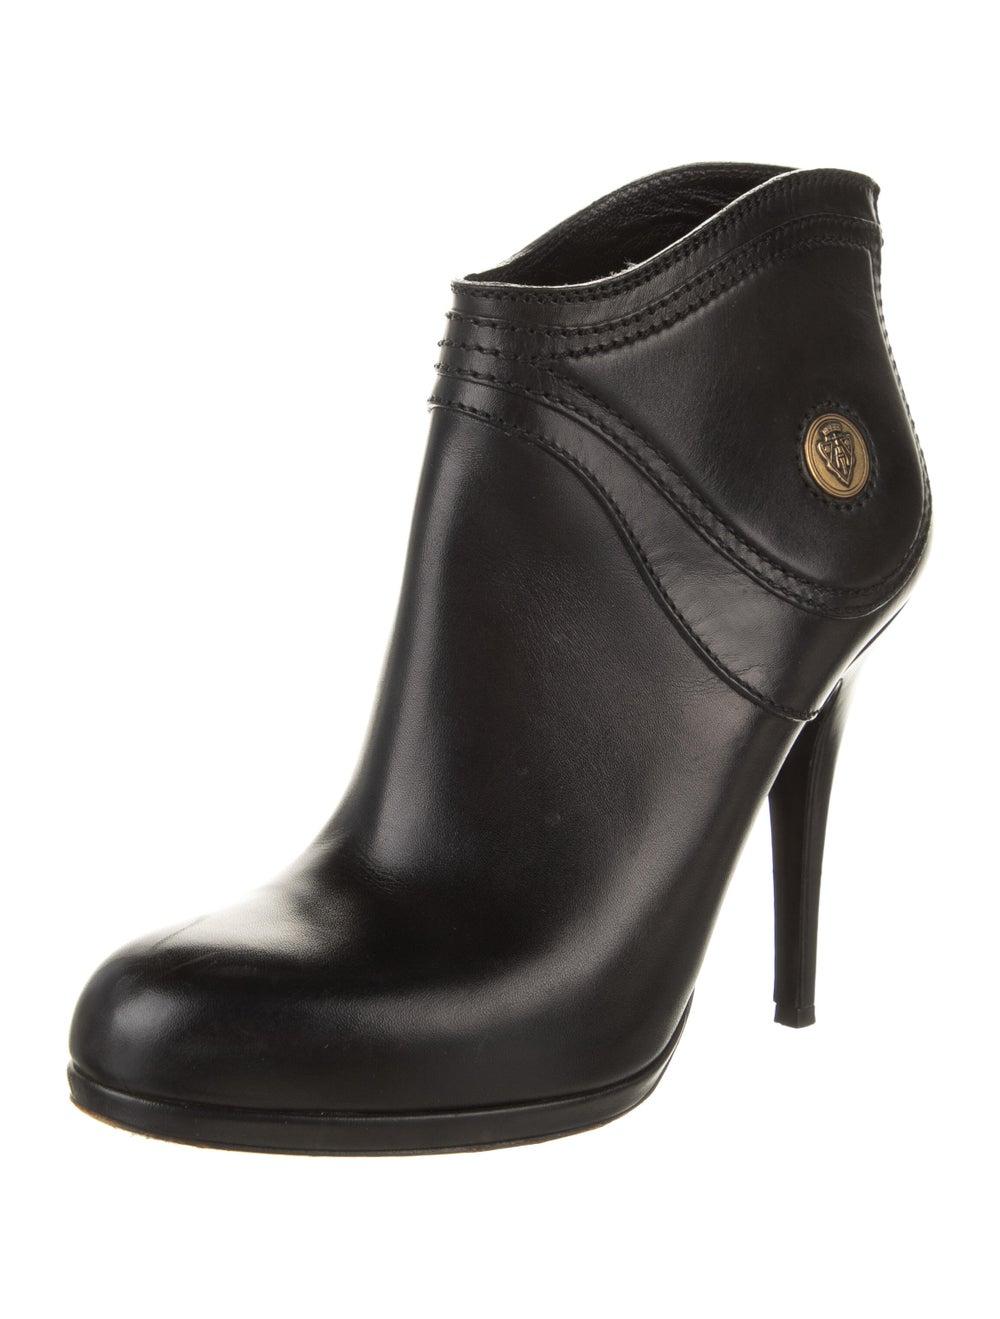 Gucci Diana Hysteria Accent Boots Black - image 2